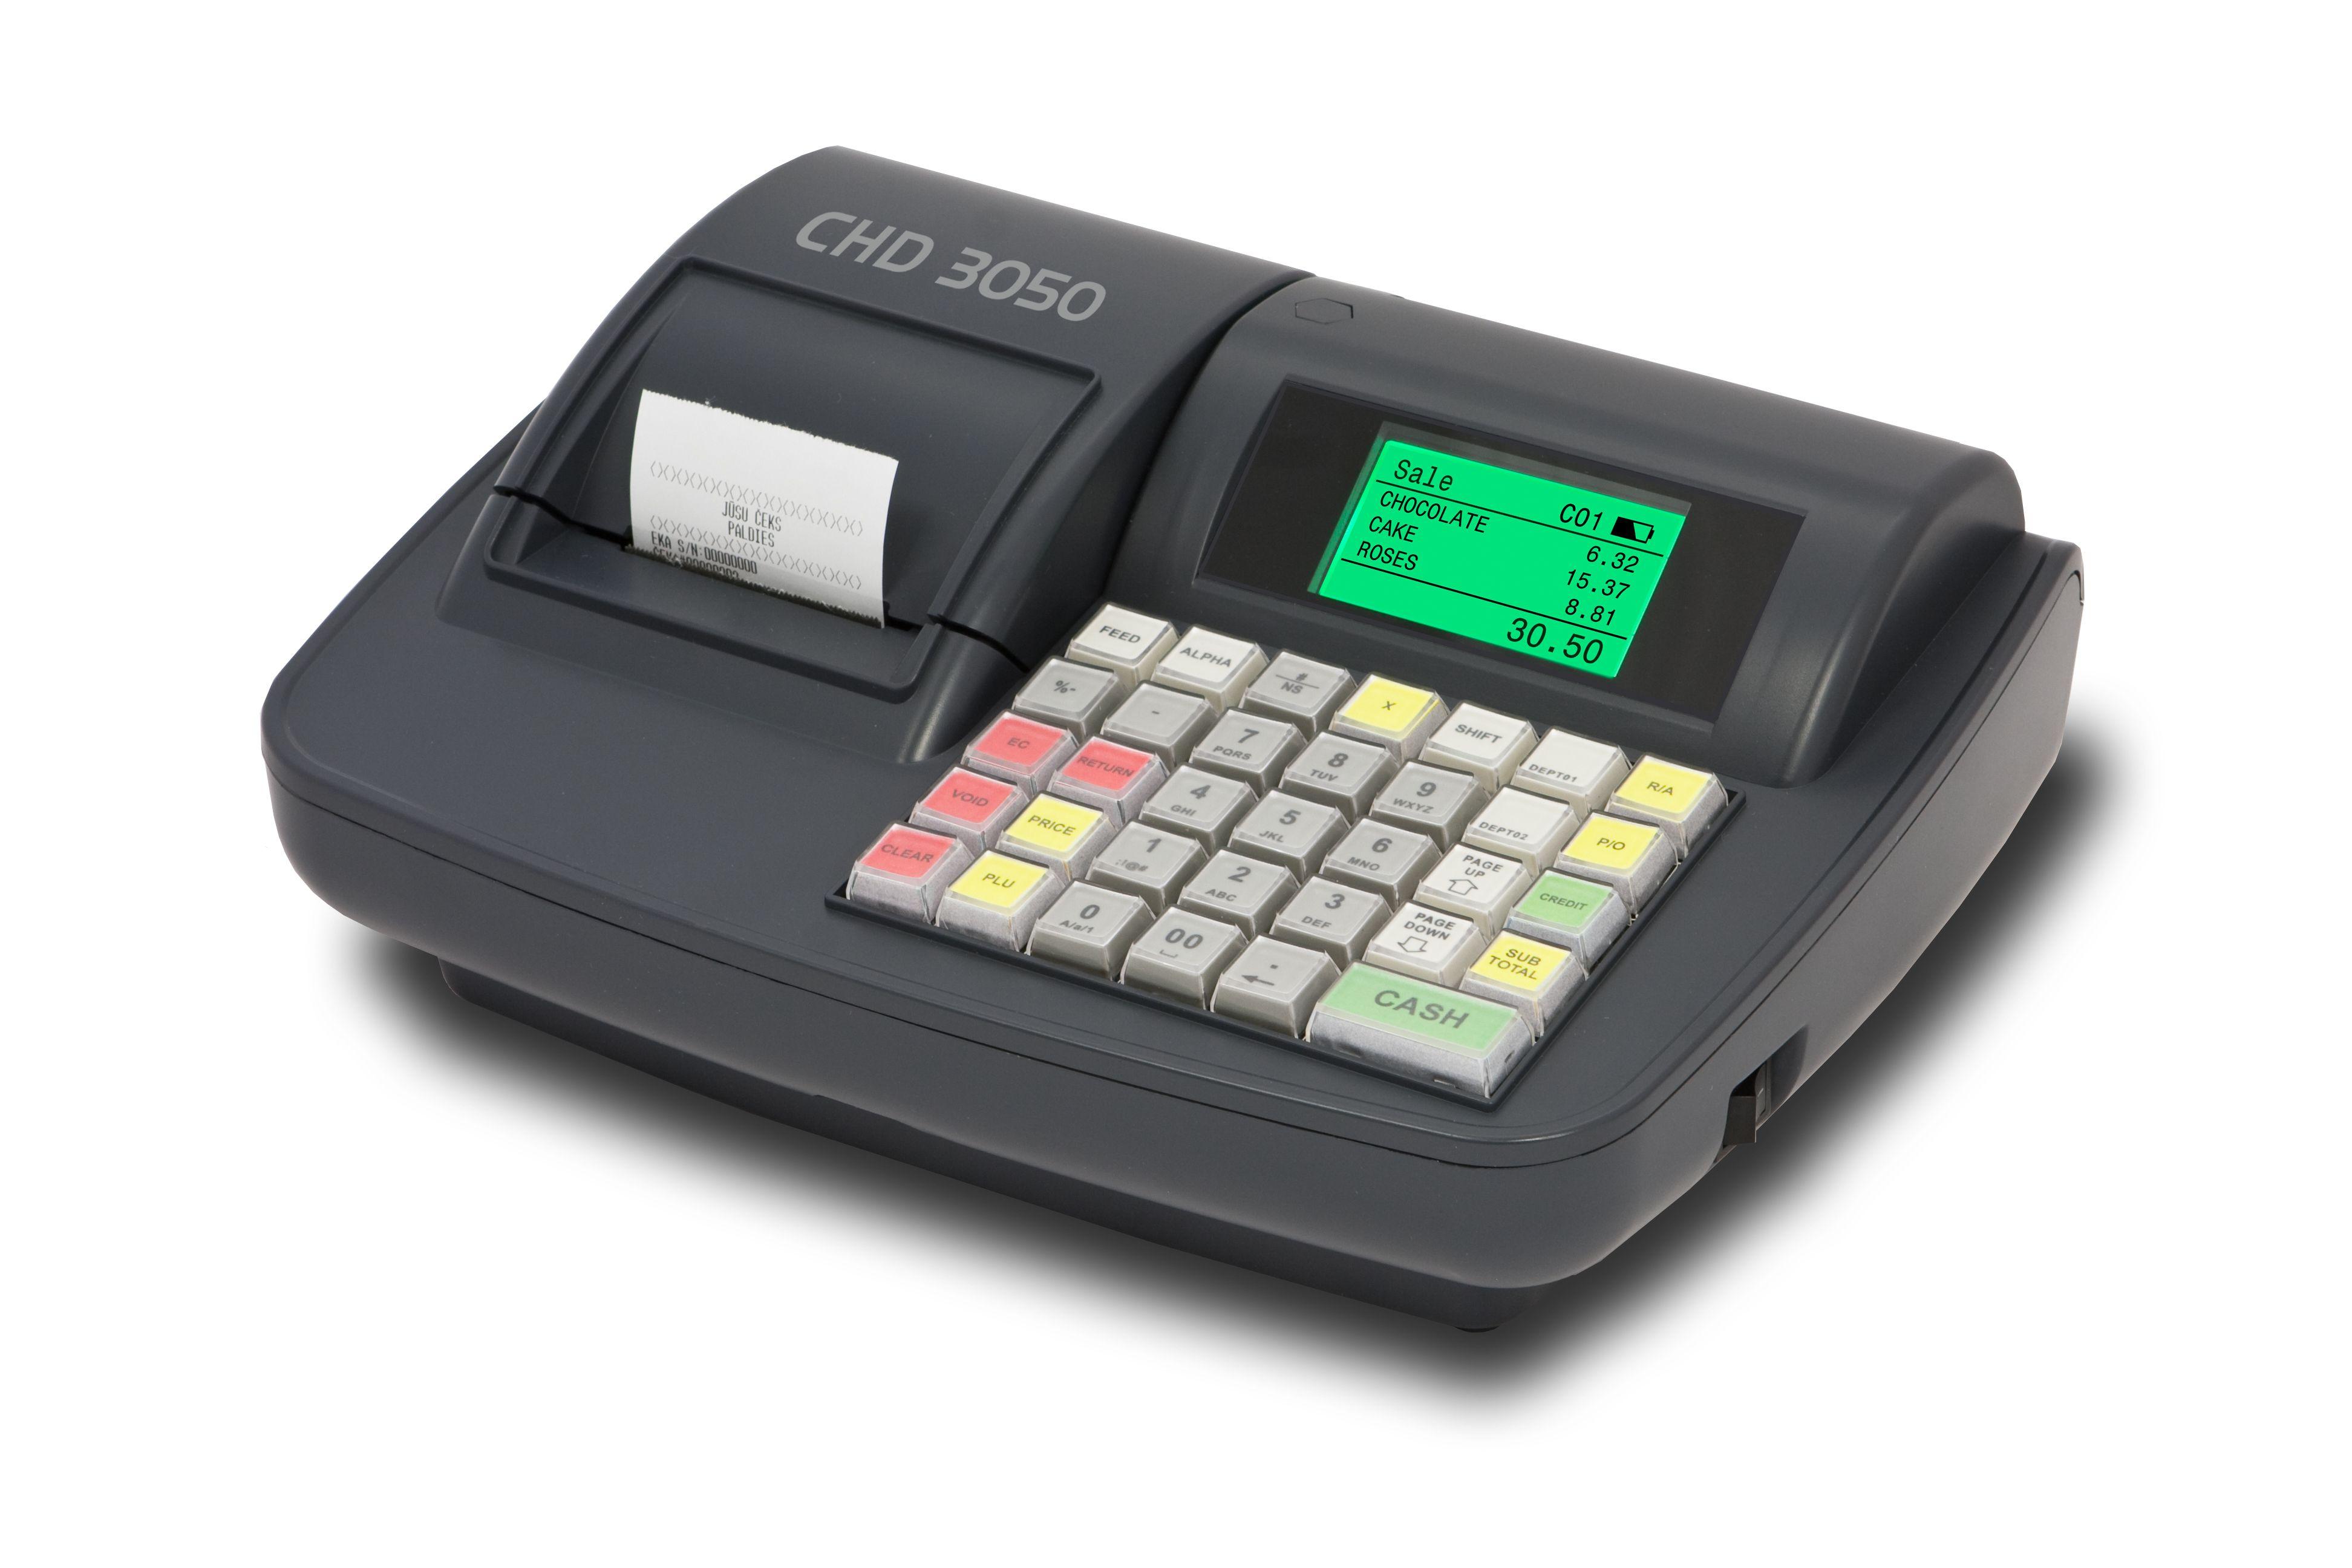 X-POS Registrační pokladna - CHD3050